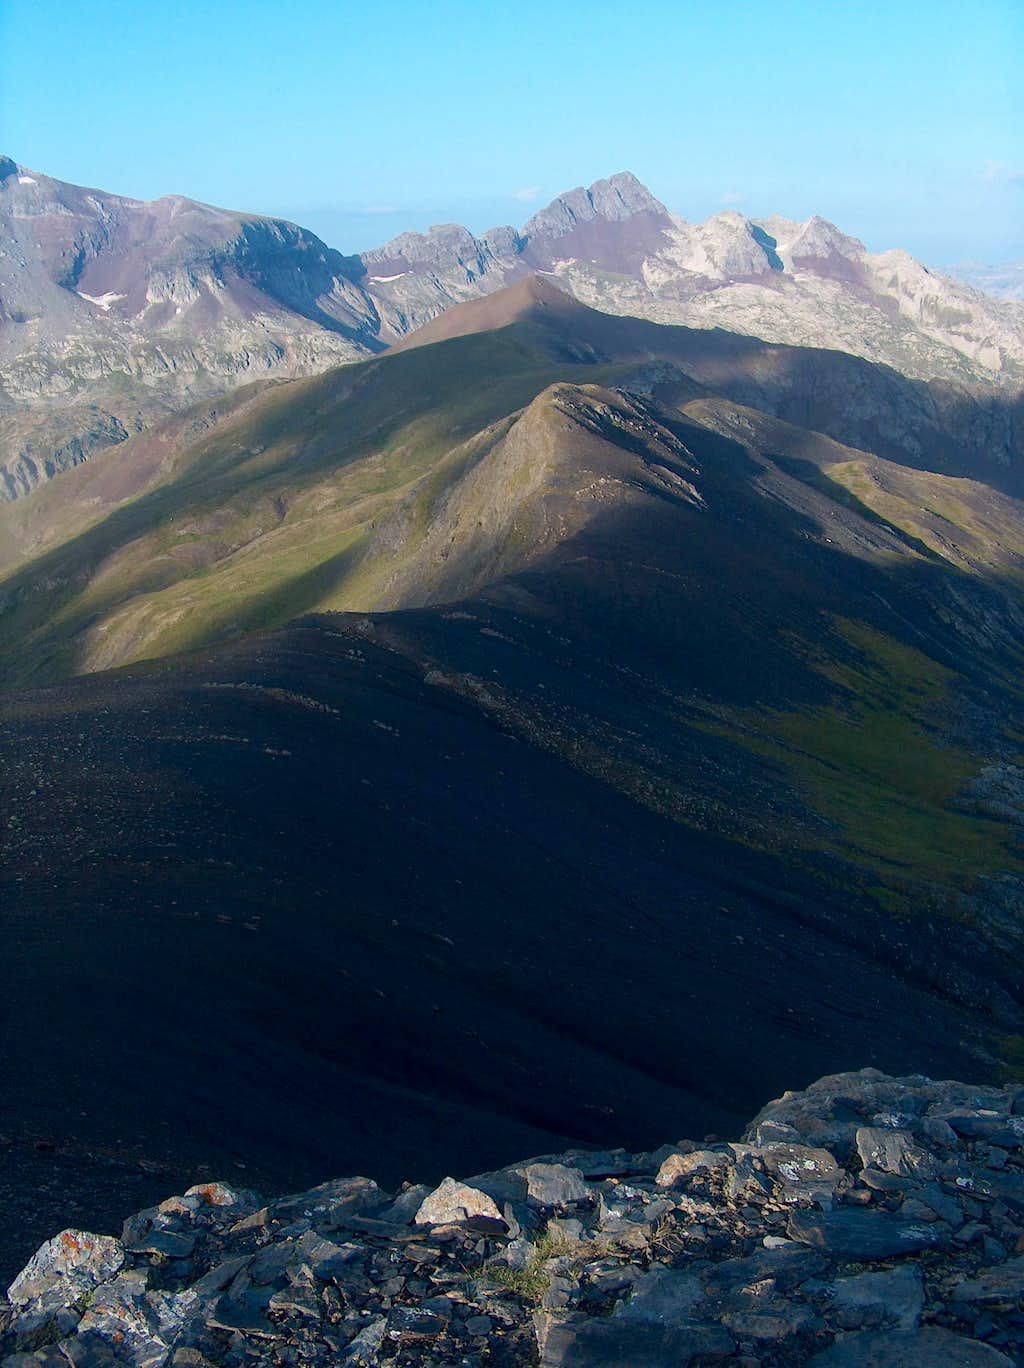 On the desertic ridge of the Peña Blanca, Fulsa in the distance